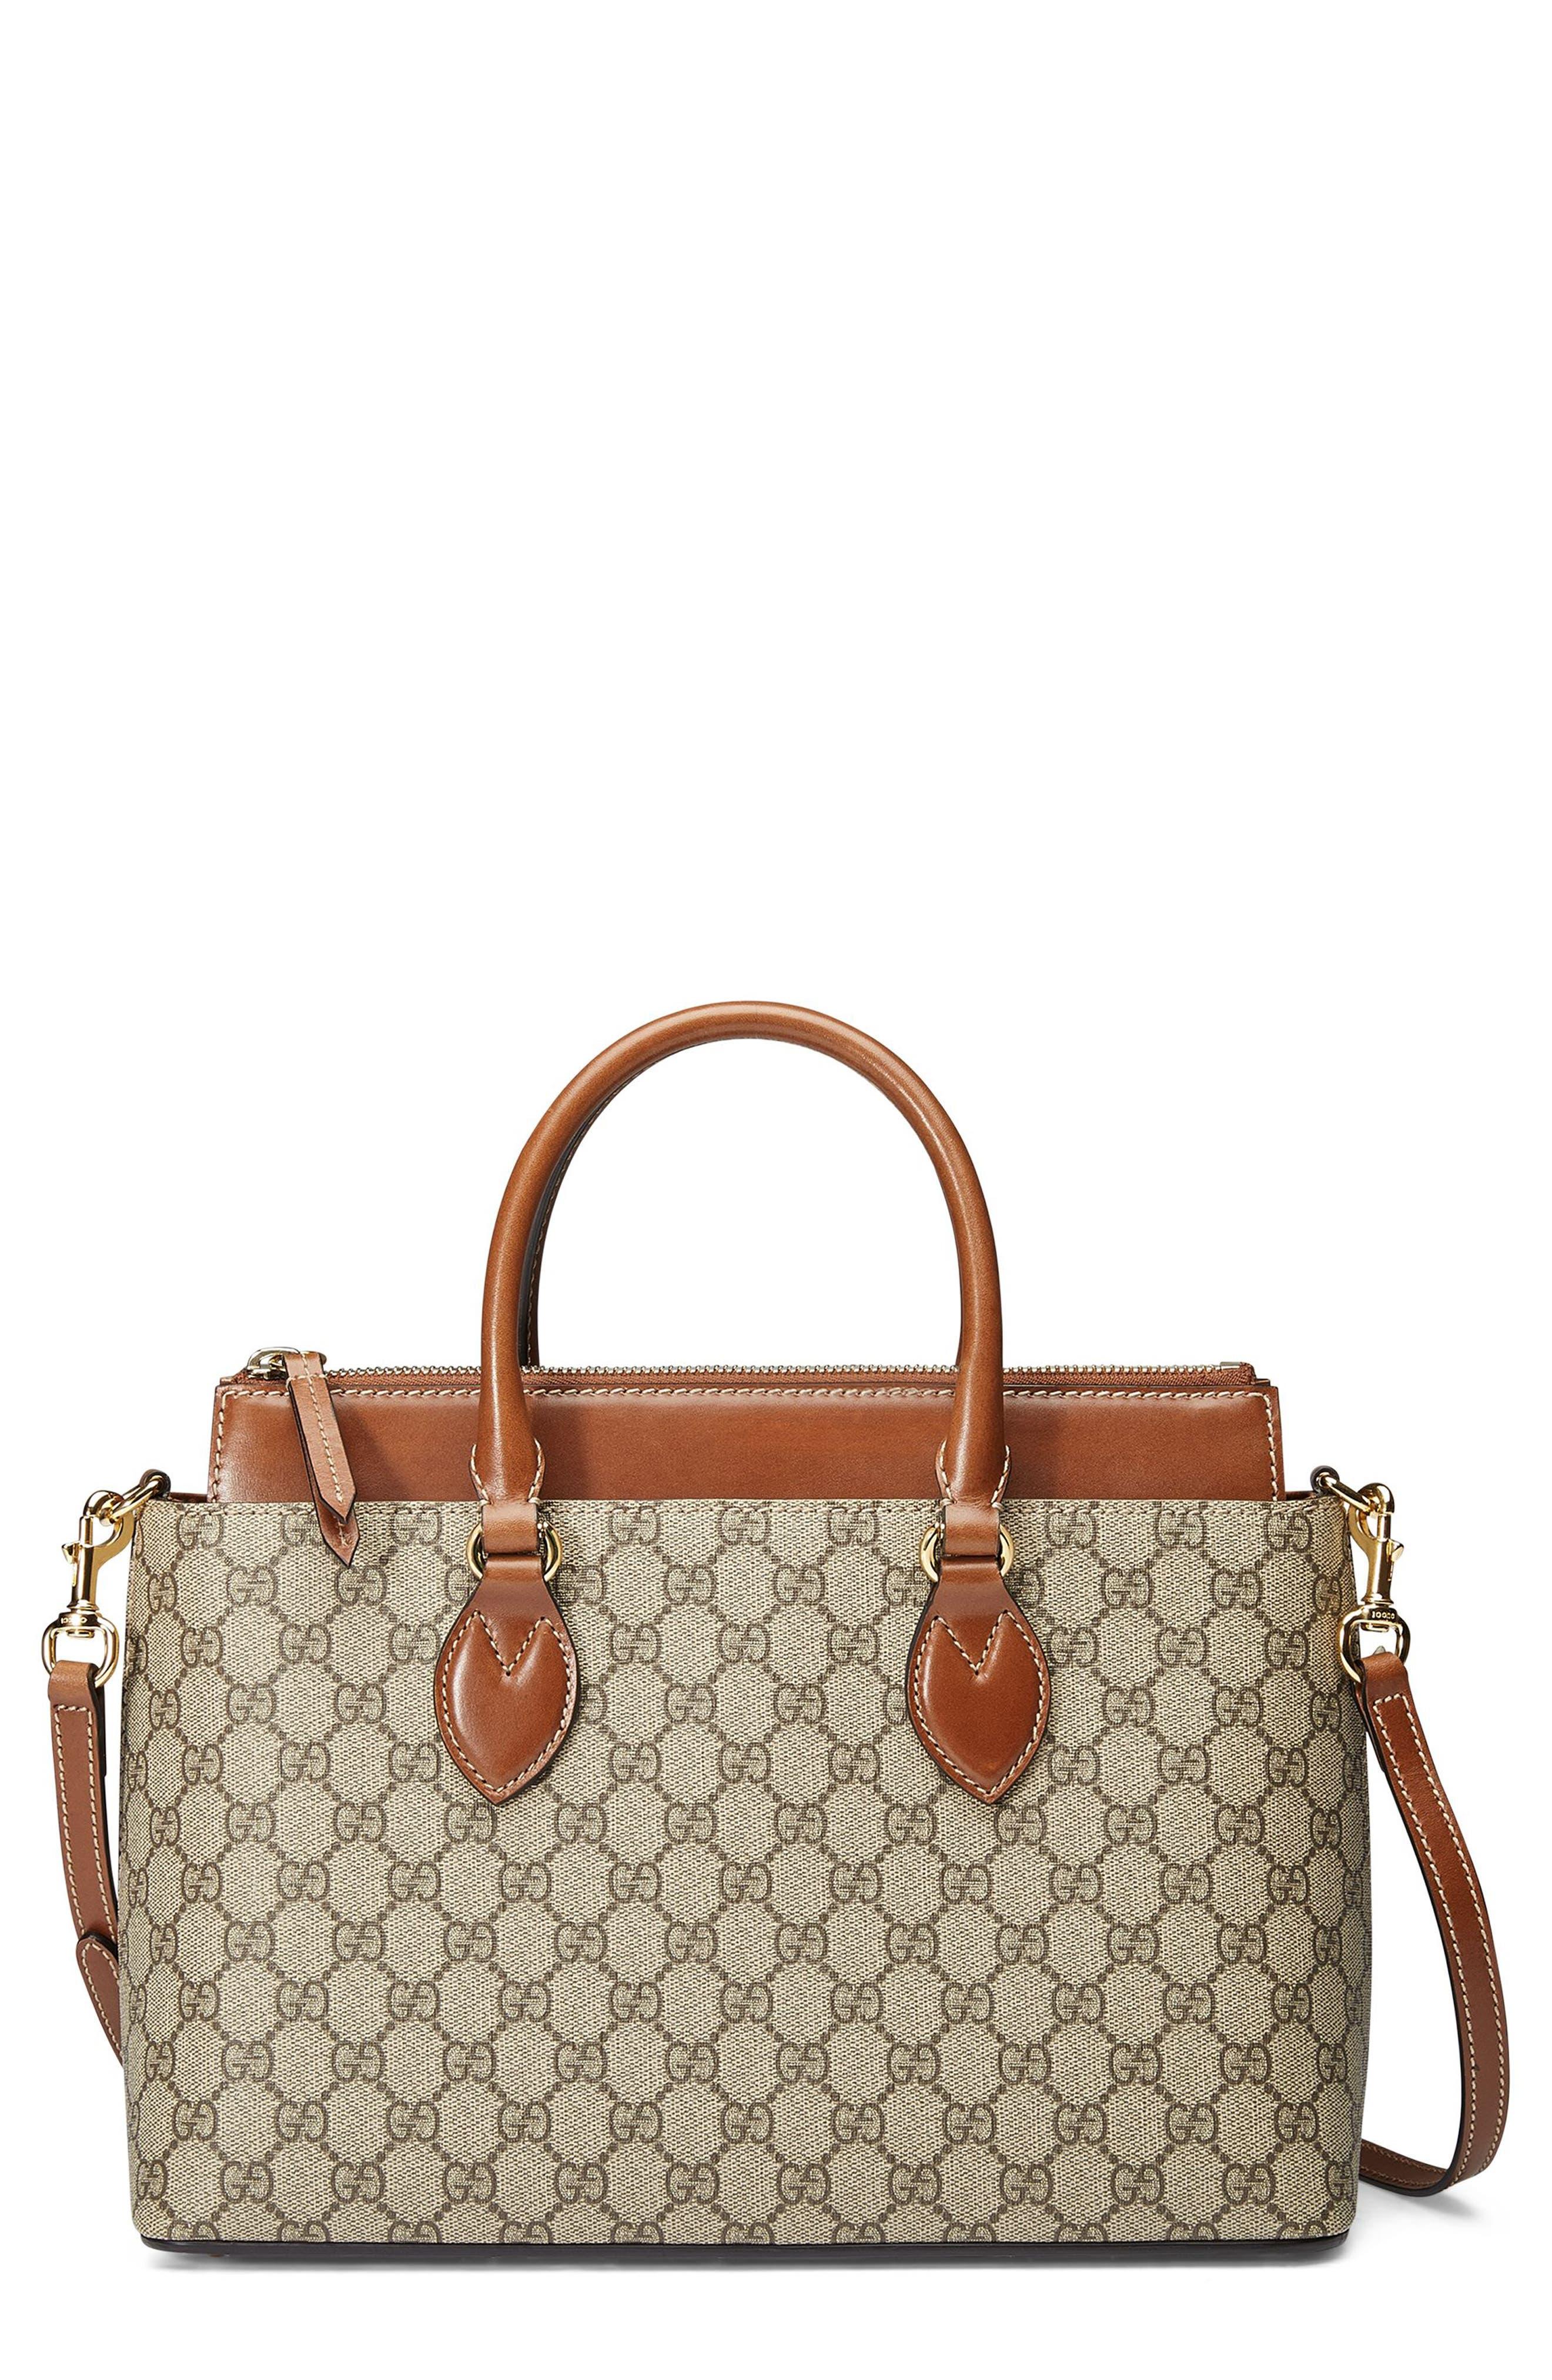 Gucci Small Top Handle GG Supreme Canvas & Leather Tote